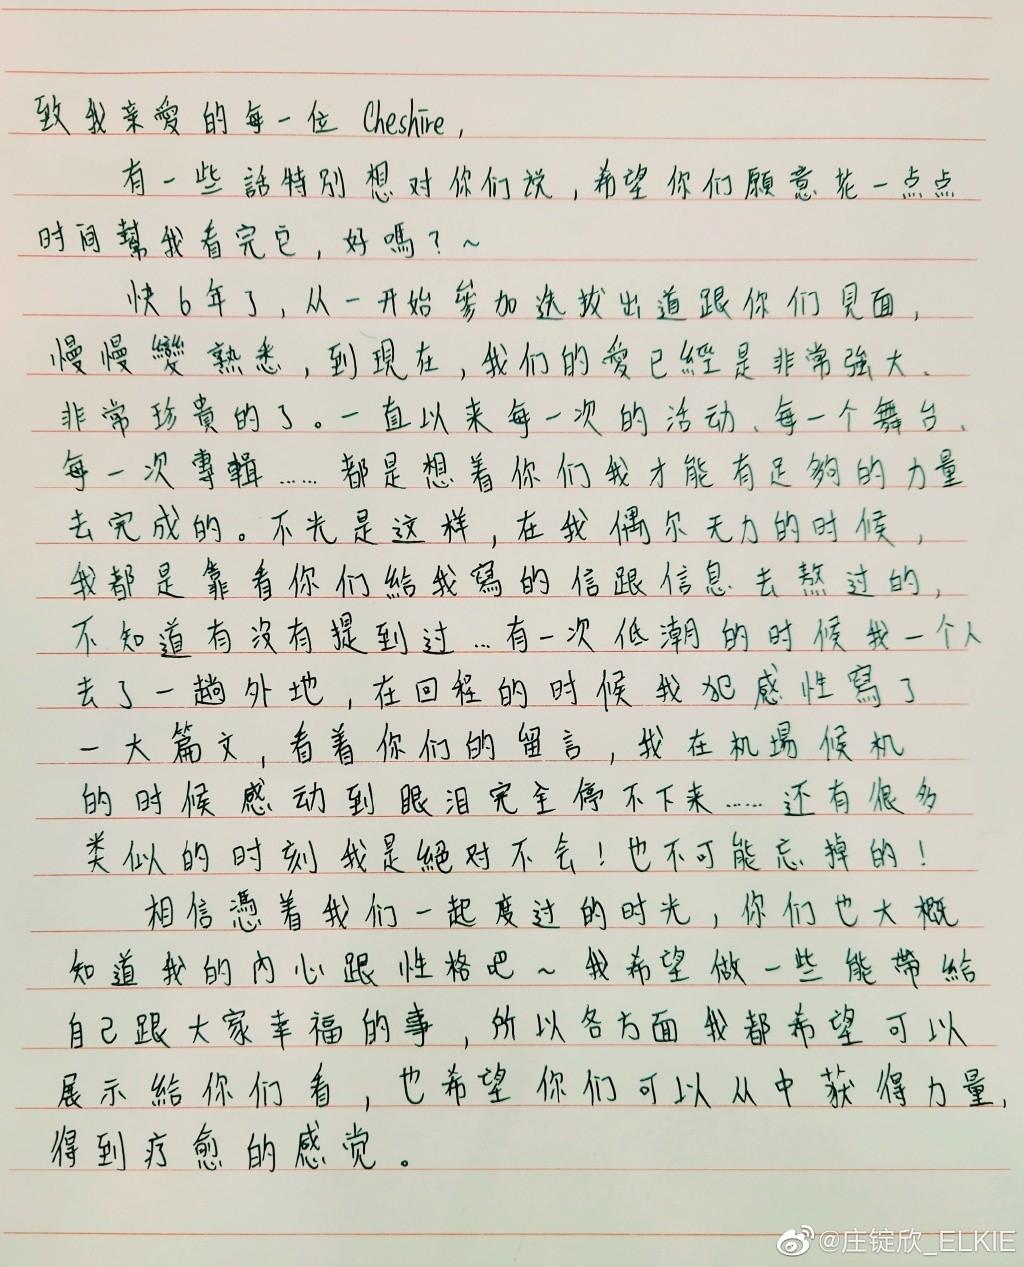 [新聞] Elkie「心死告CUBE」退出CLC 手寫信發聲